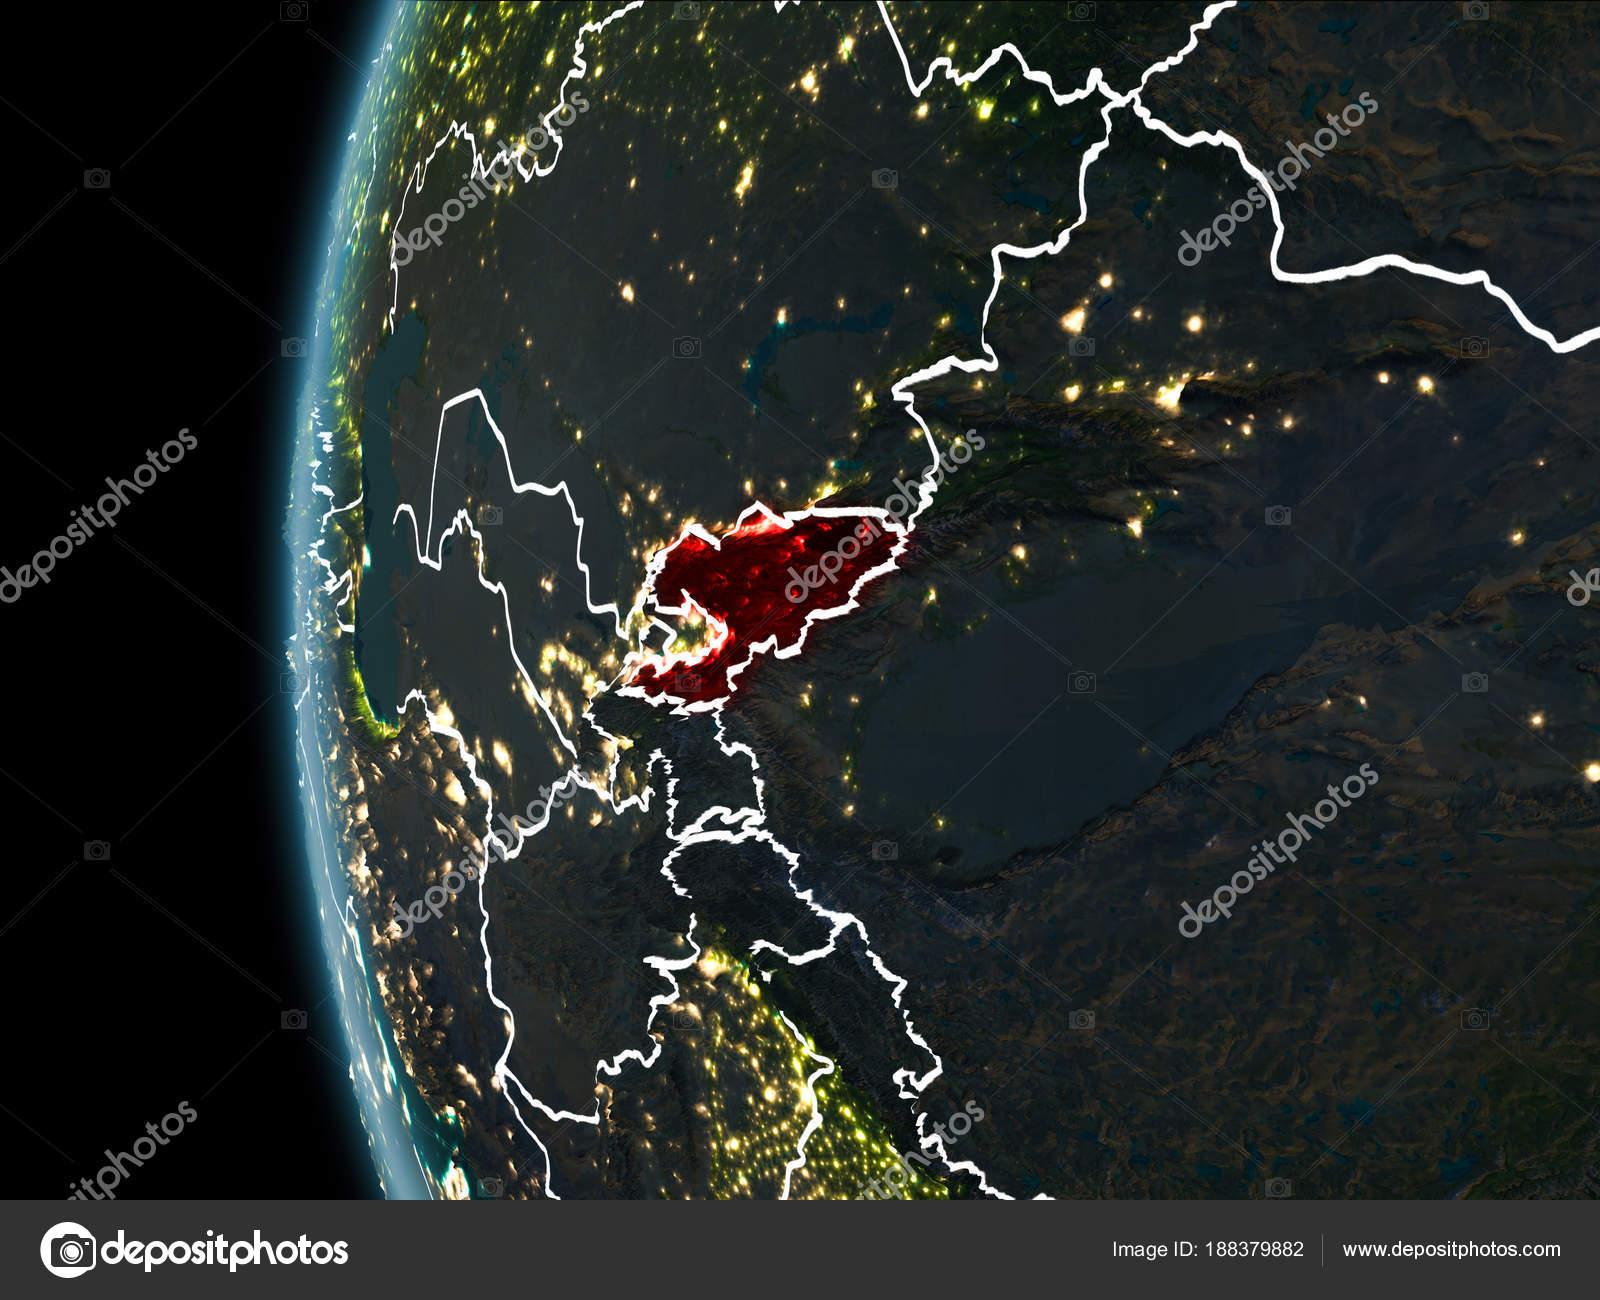 задержали фото киргизии из космоса какому поводу была